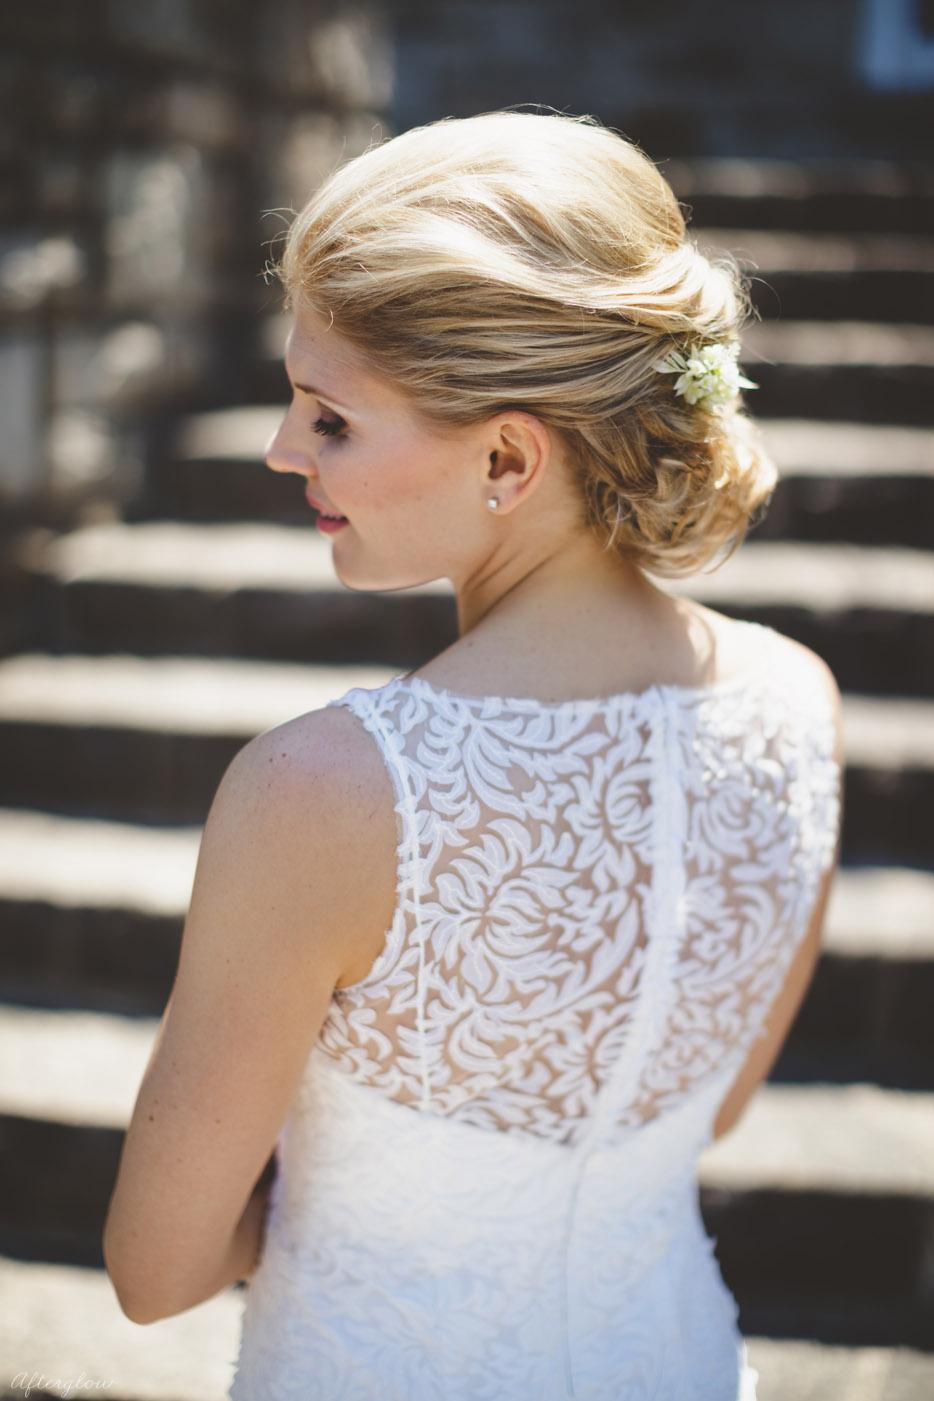 004-stunning-blonde-bride-notl.jpg